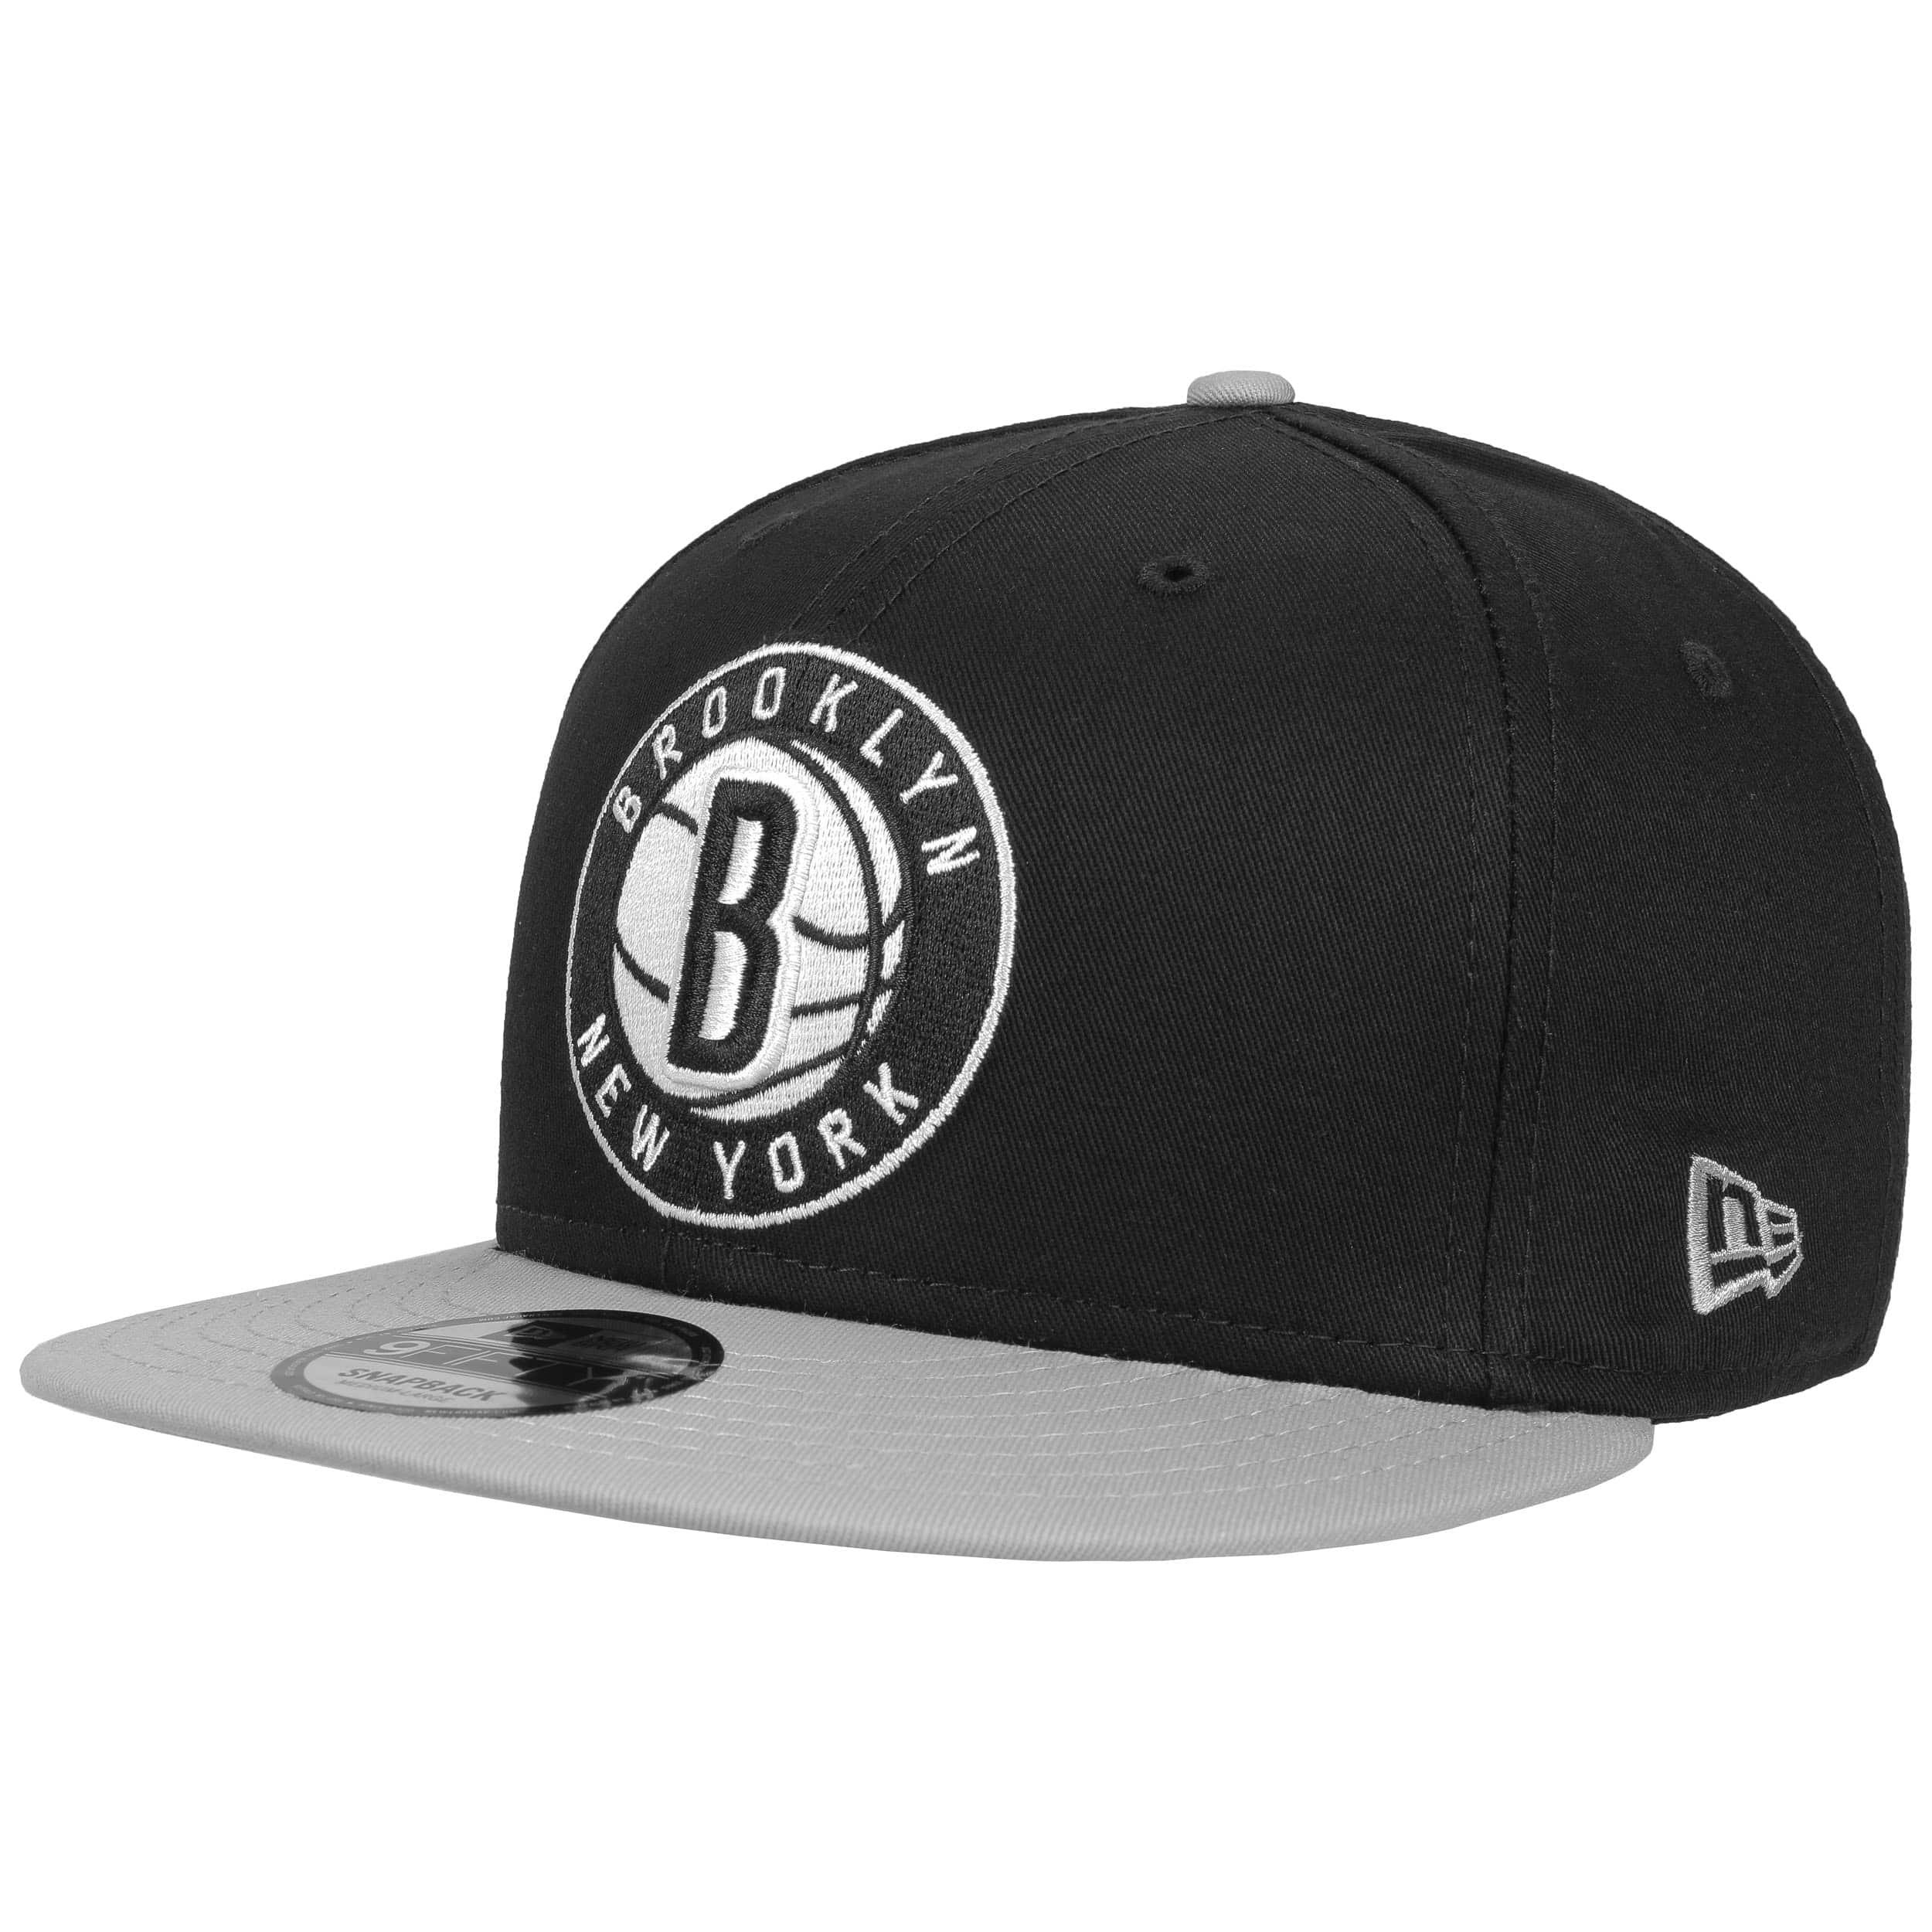 ad723b07db4 ... 9Fifty TC Brooklyn Nets Cap by New Era - black 7